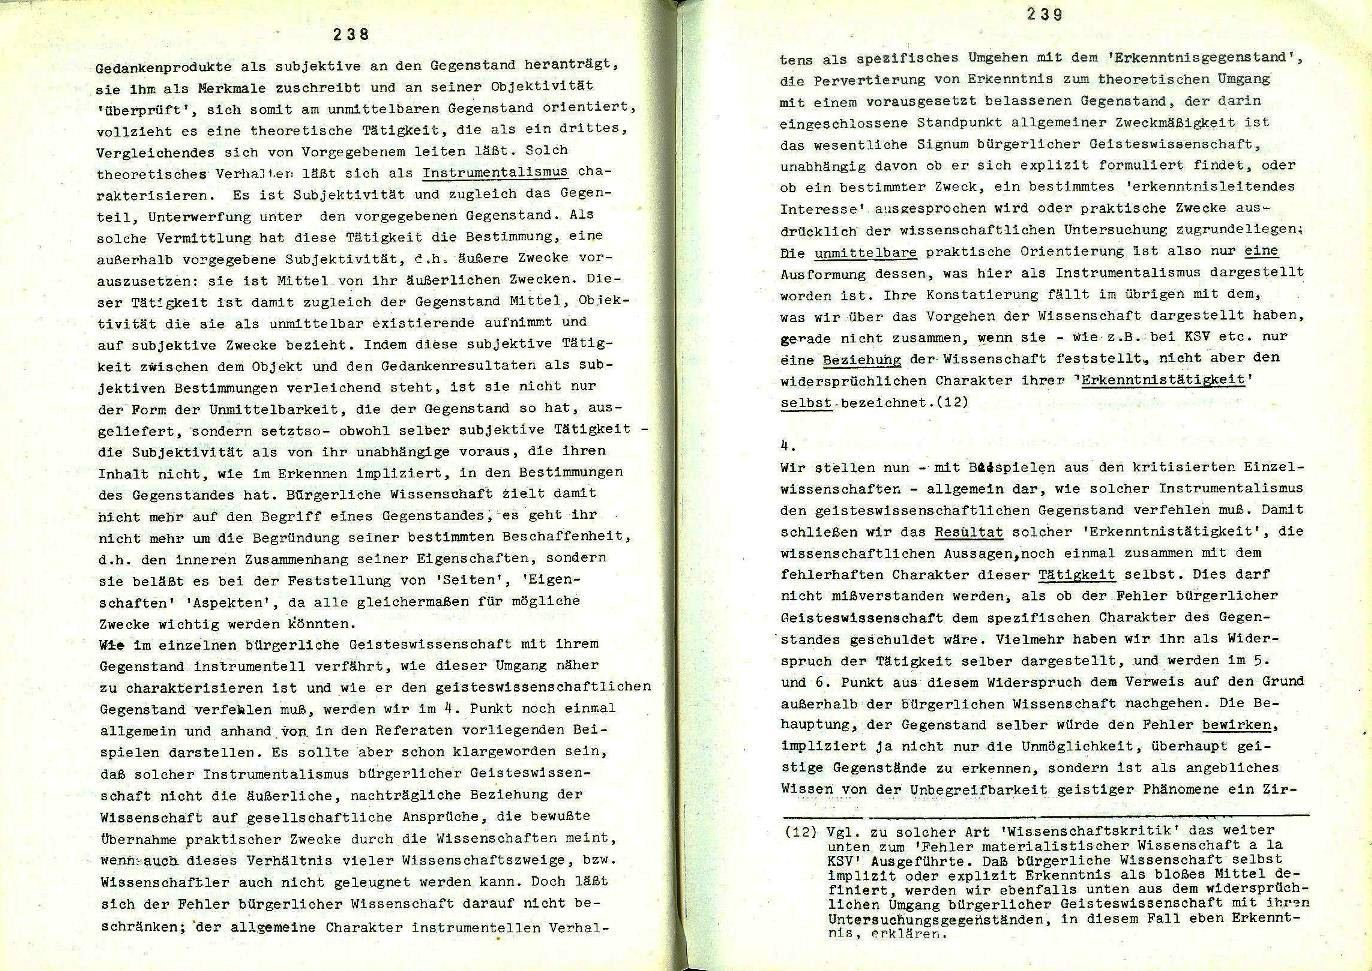 Muenchen_AK_Sozialistisches_Studium124